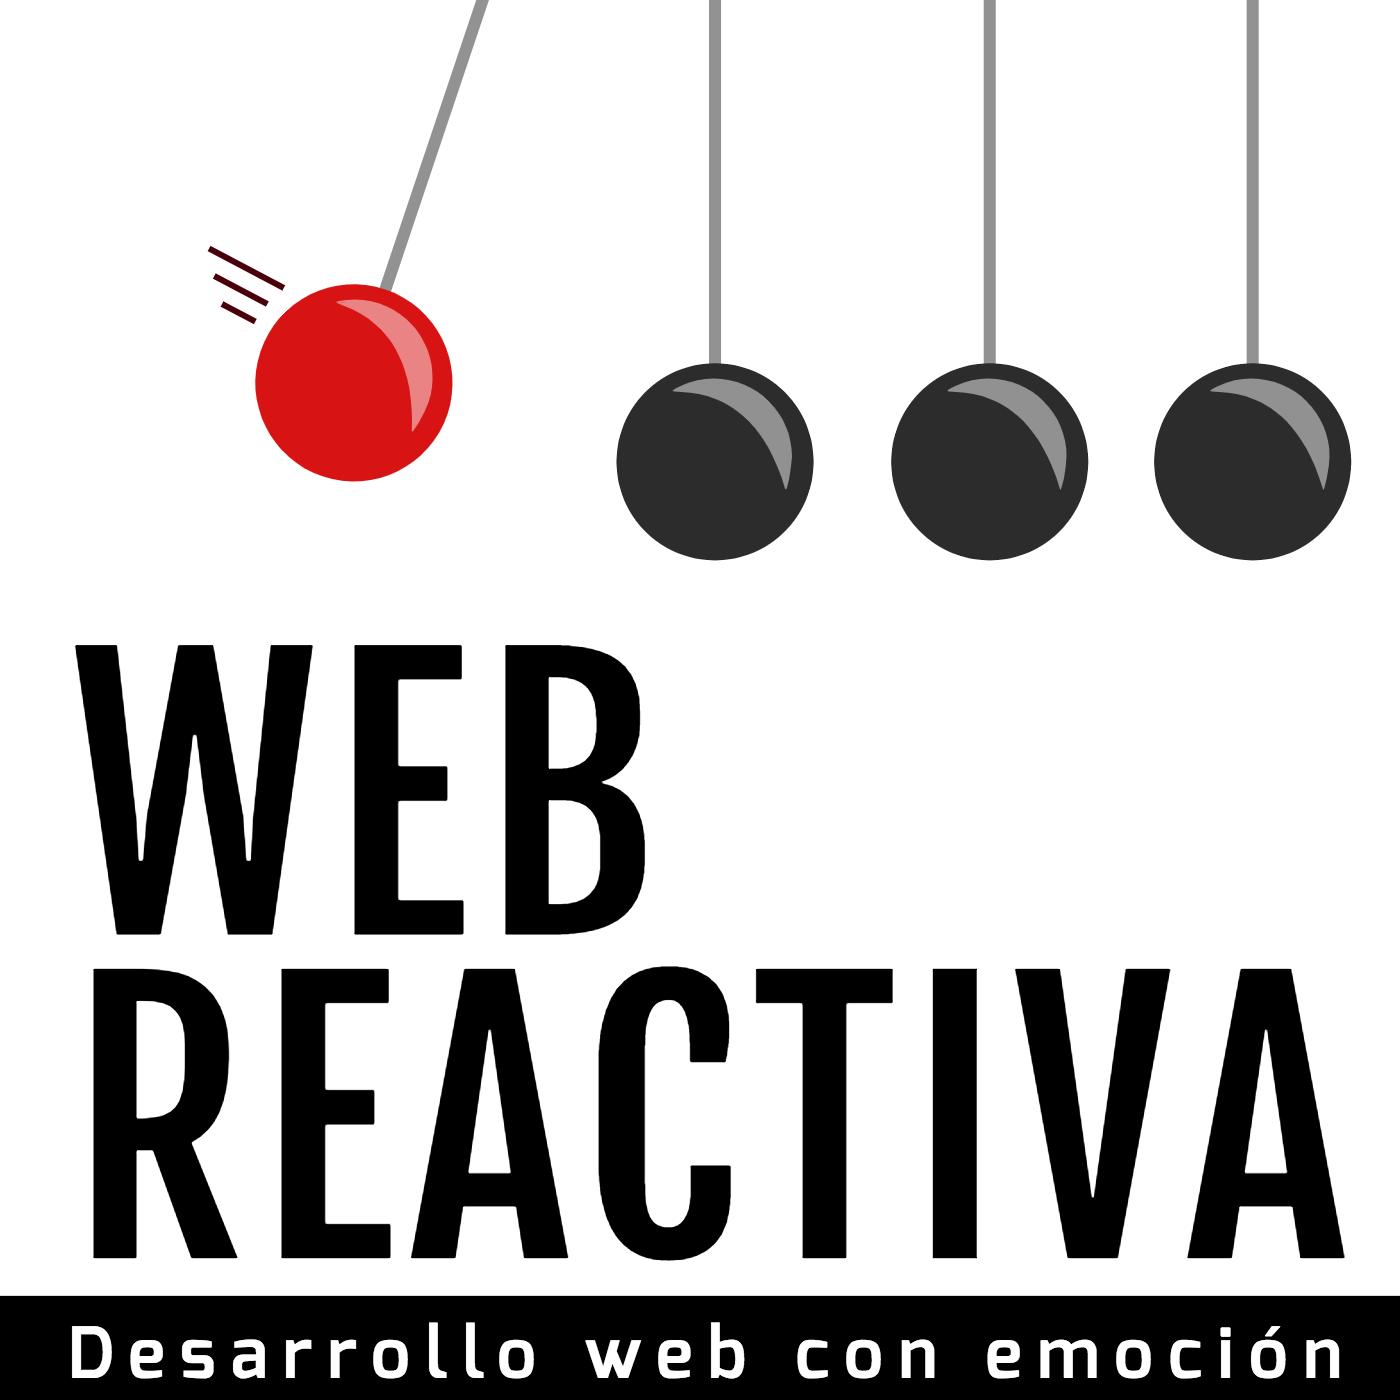 io ReactivaDanielprimo ReactivaDanielprimo Podcast Podcast Podcast io Podcast Web Web io ReactivaDanielprimo Web 7If6Ybvyg